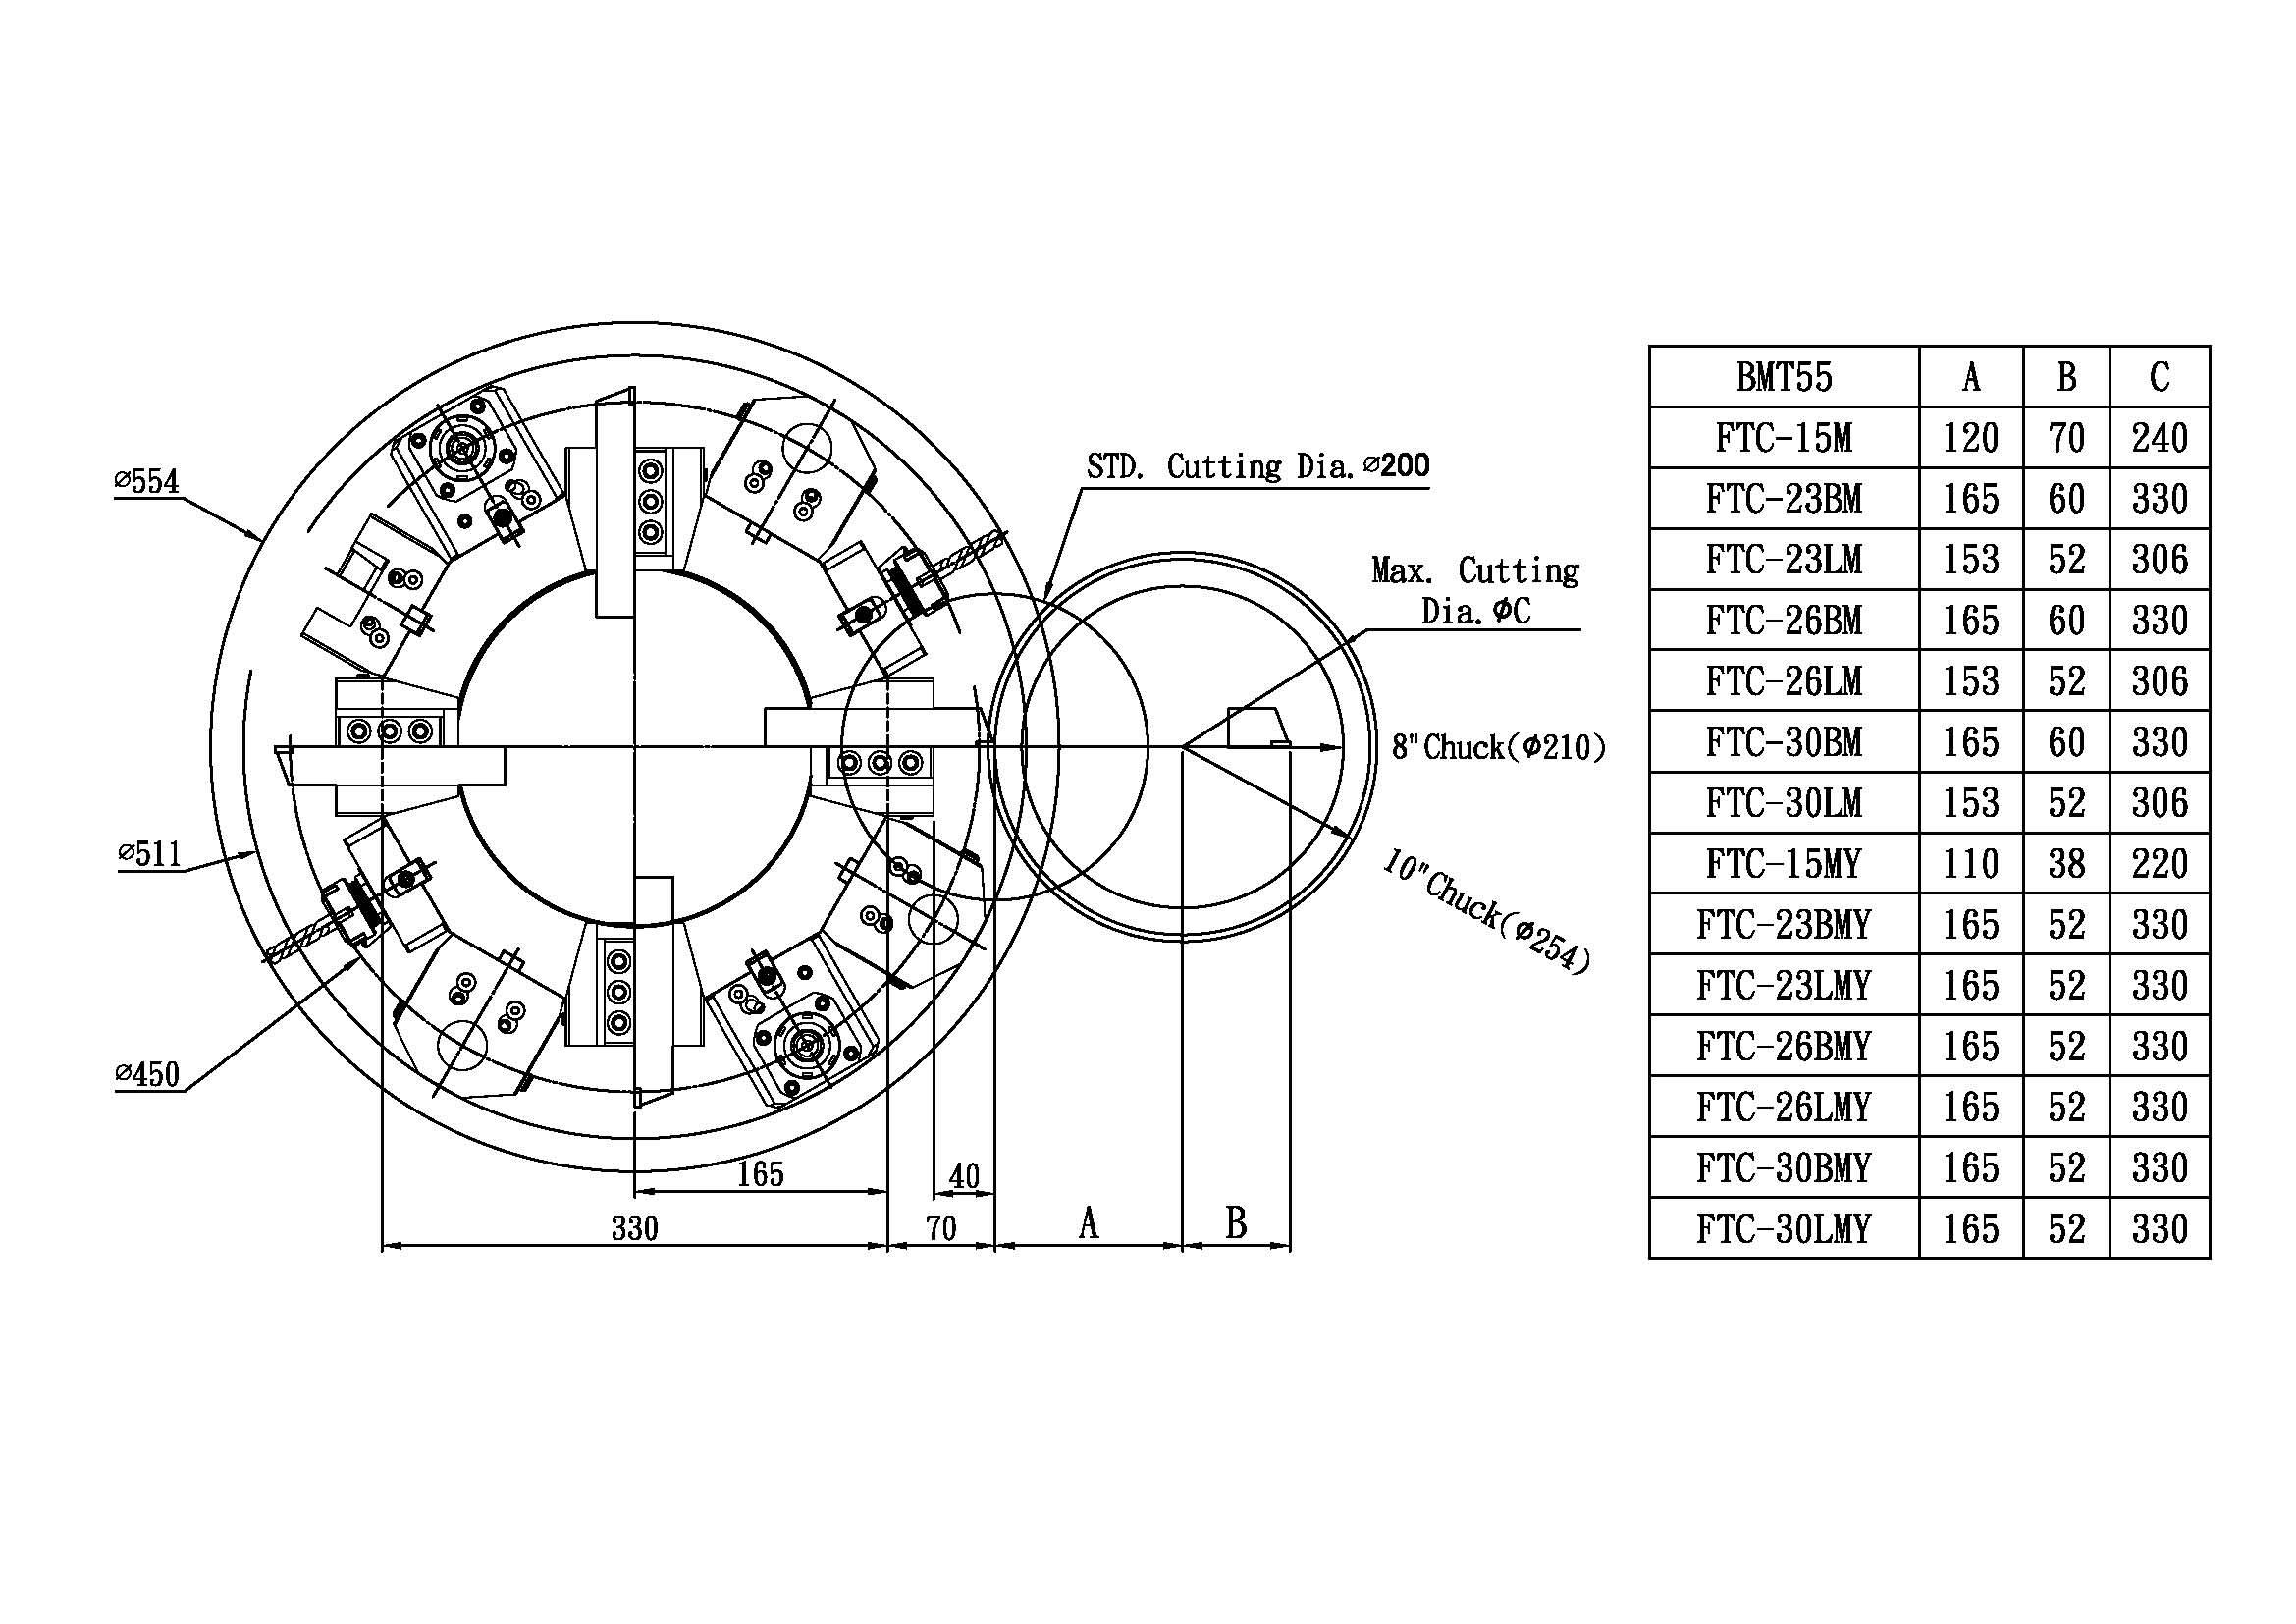 AEGIS CNC LATHE, LATHE, HORIZONTAL LATHE, MACHINERY